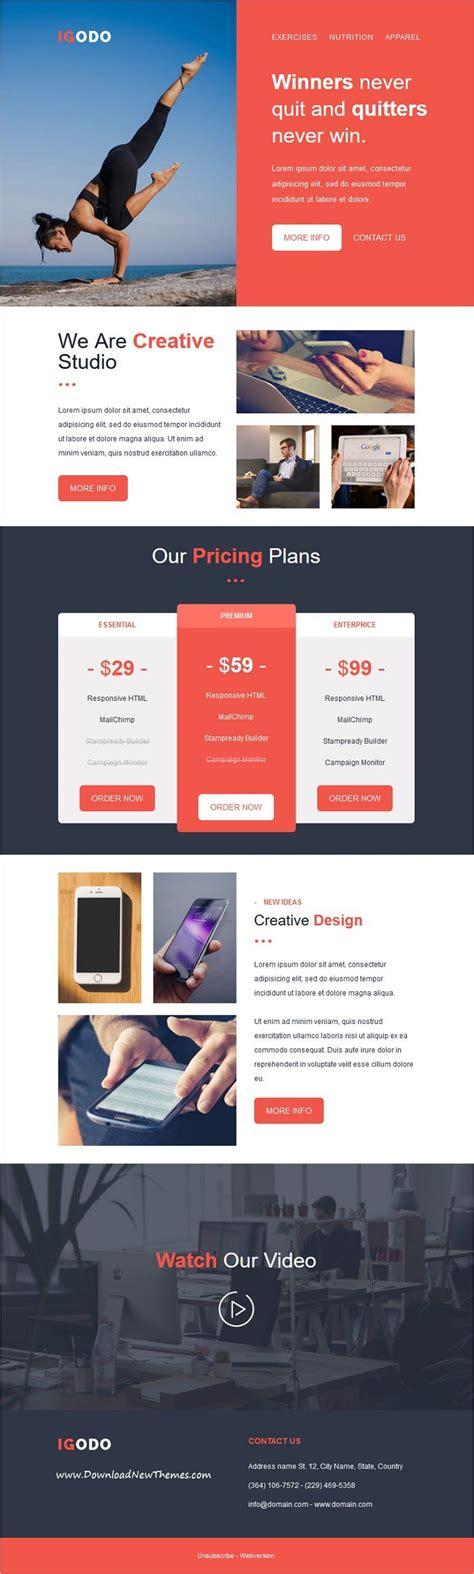 Best 25 Mailchimp Newsletter Templates Ideas On Pinterest Email Newsletter Design Email Mailchimp Template Builder